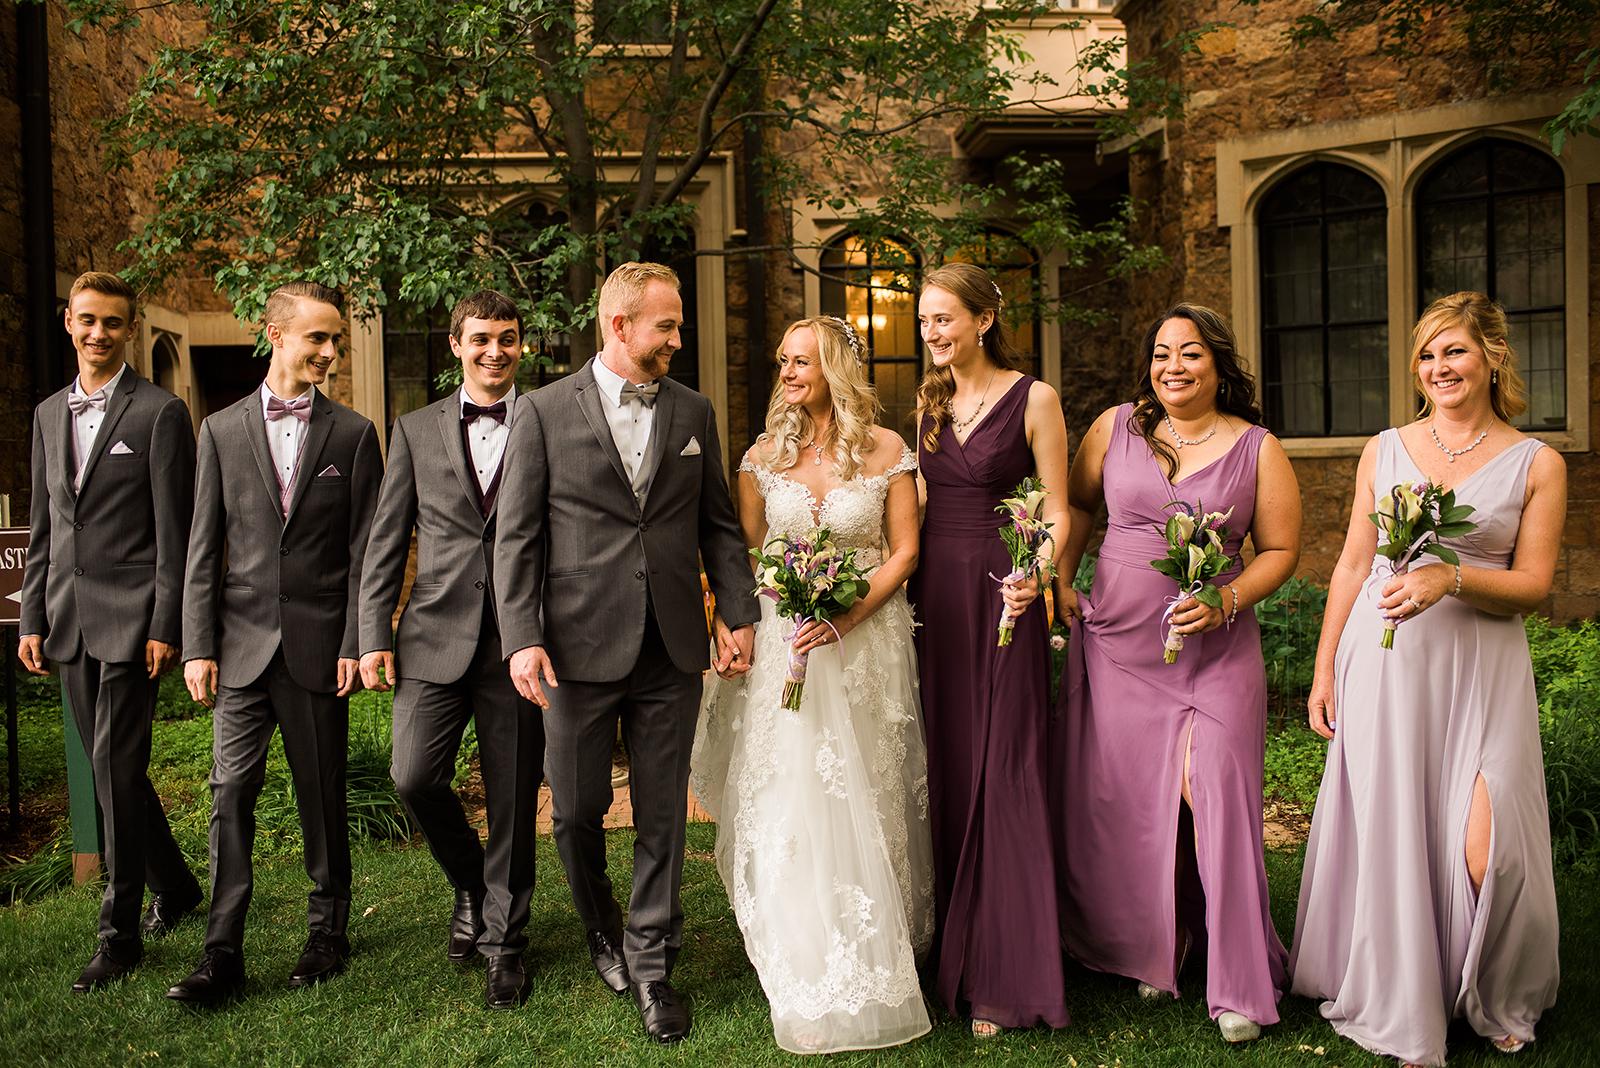 glen-eyrie-castle-wedding-18.jpg